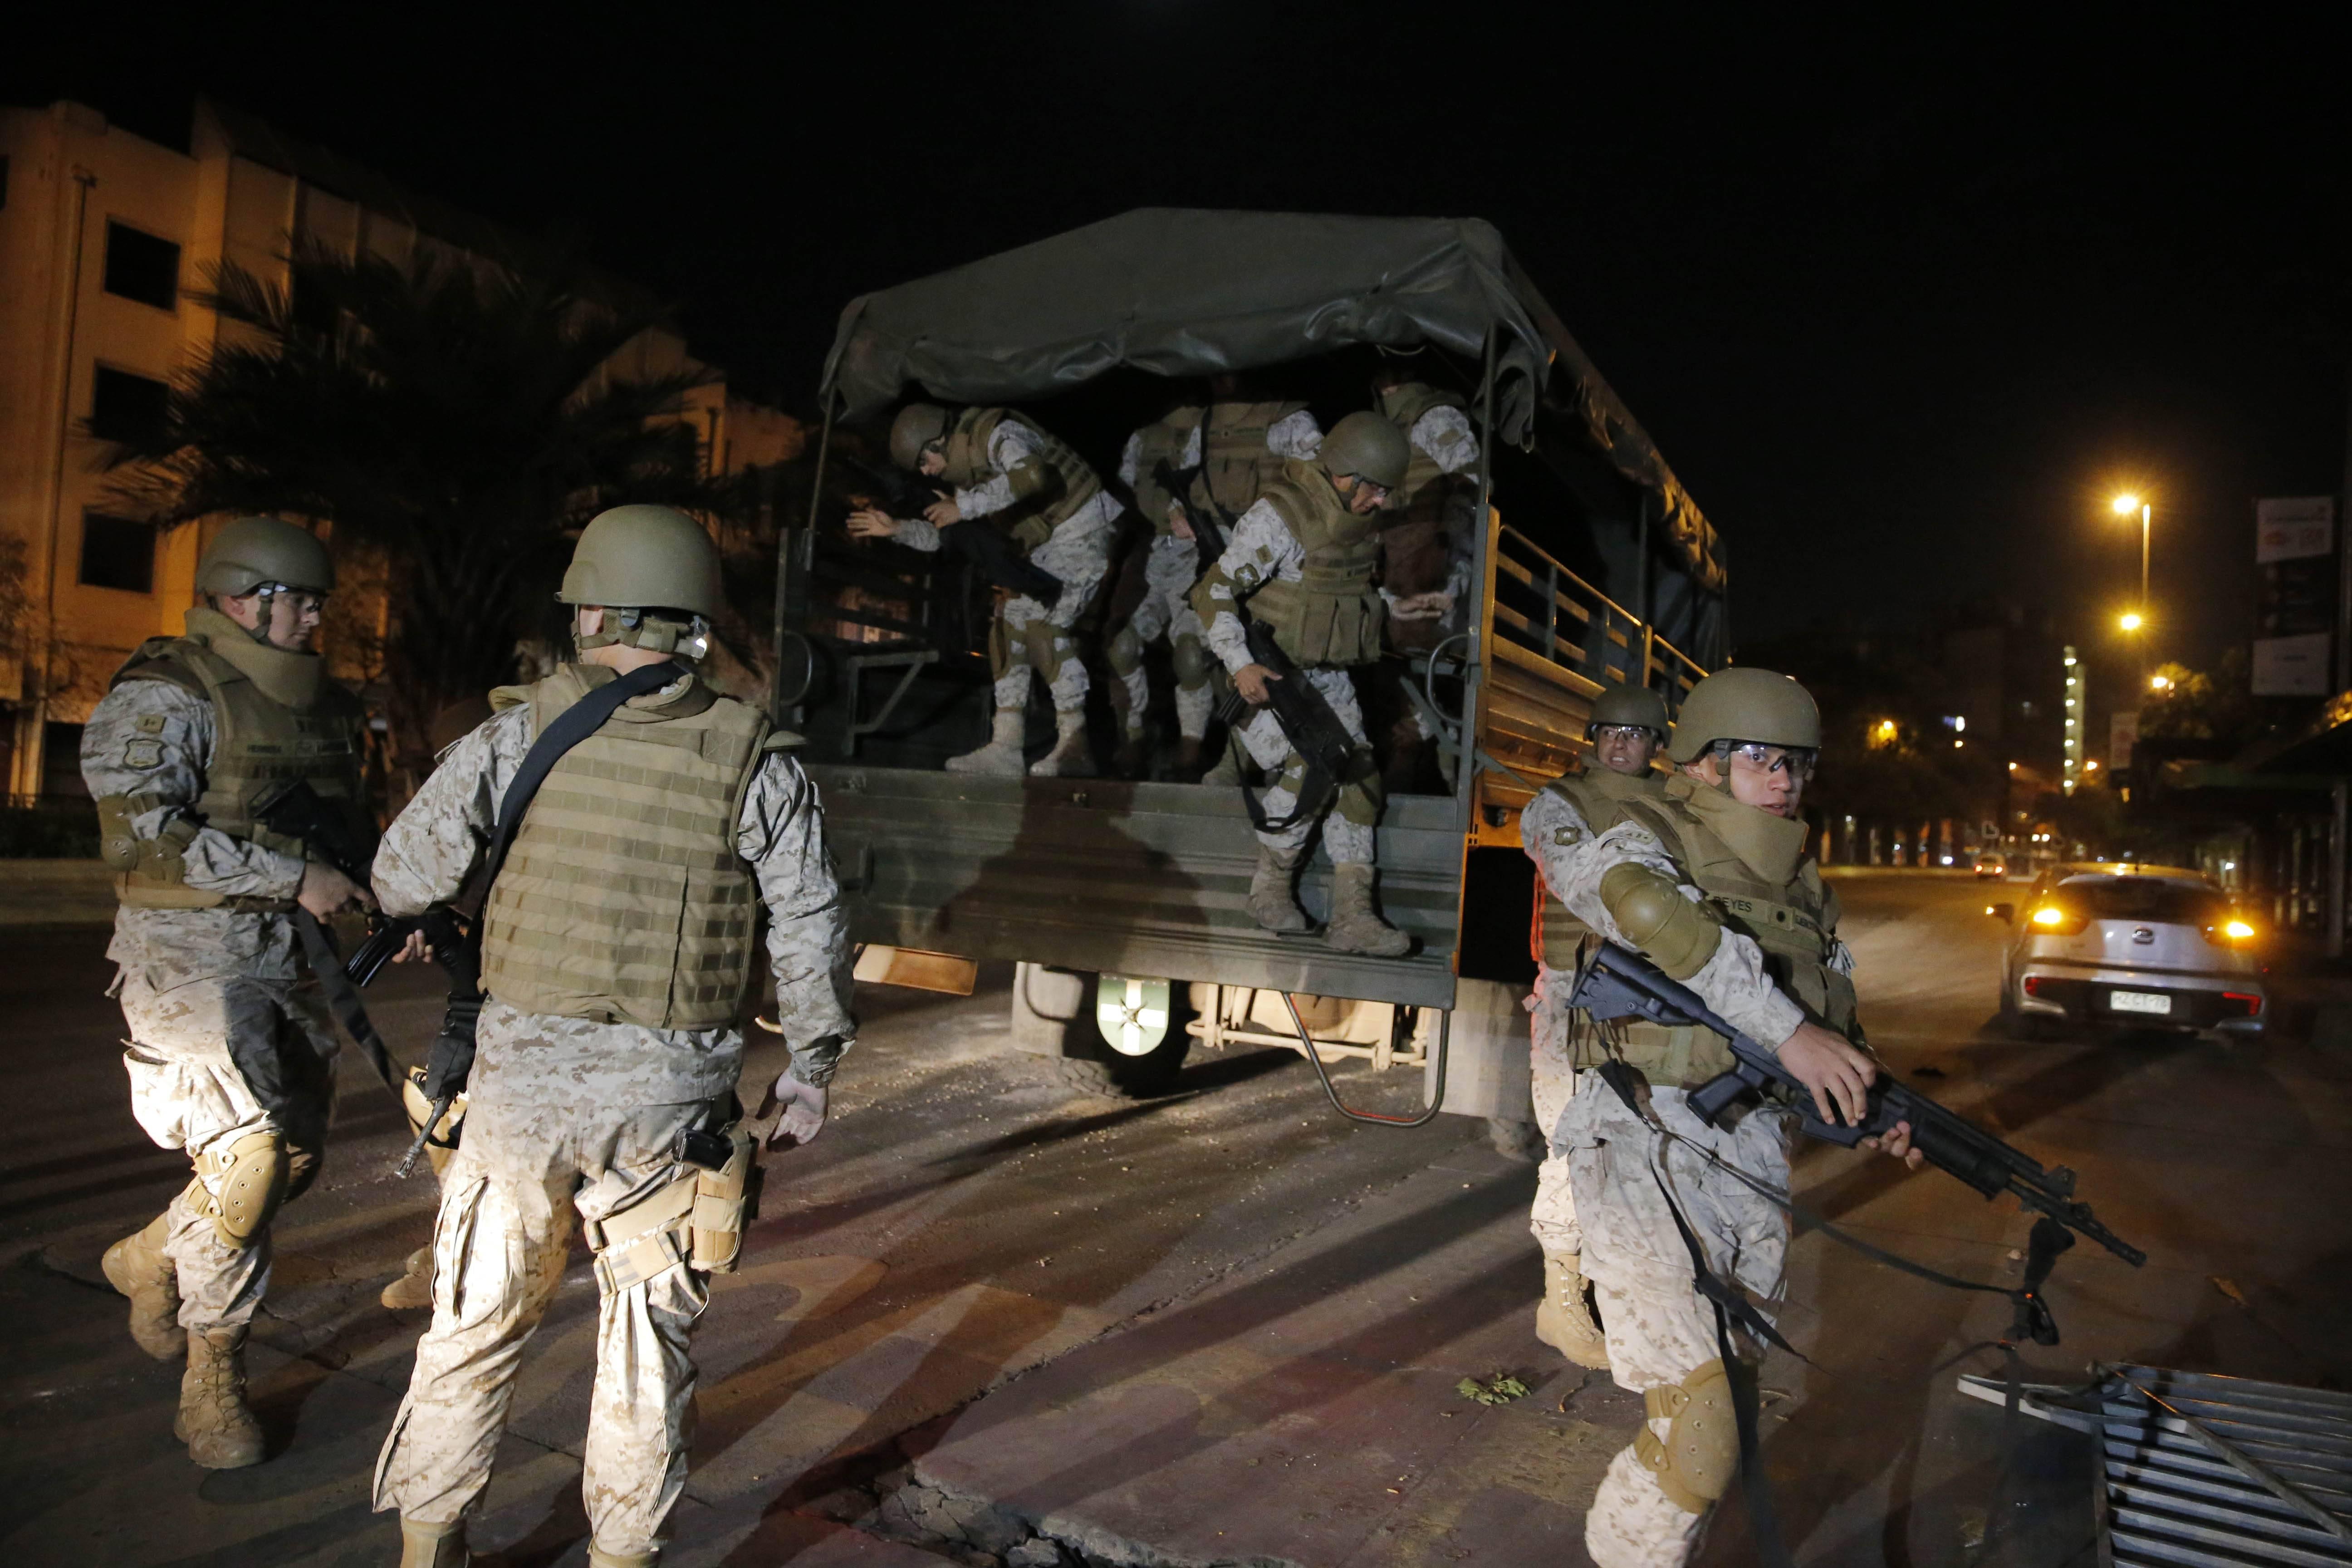 Militares en la calle: Redes sociales reaccionan a una noche de terror en Santiago